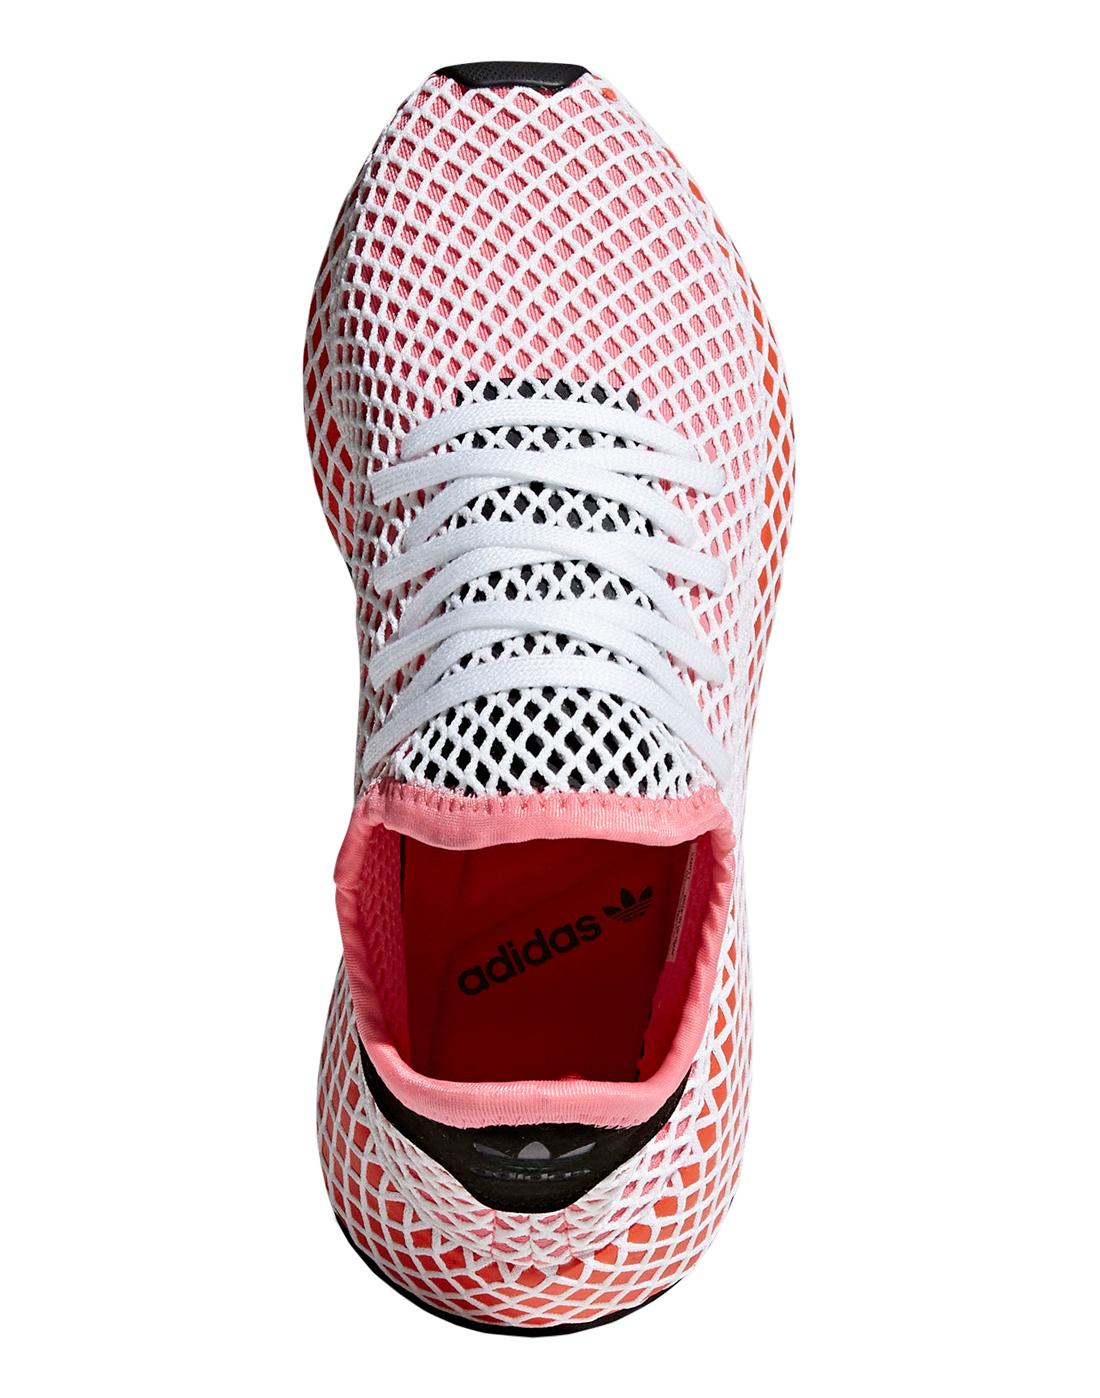 83a095bc2faaf adidas Originals. Womens Deerupt Runner. Womens Deerupt Runner · Womens Deerupt  Runner · Womens Deerupt Runner · Womens Deerupt Runner